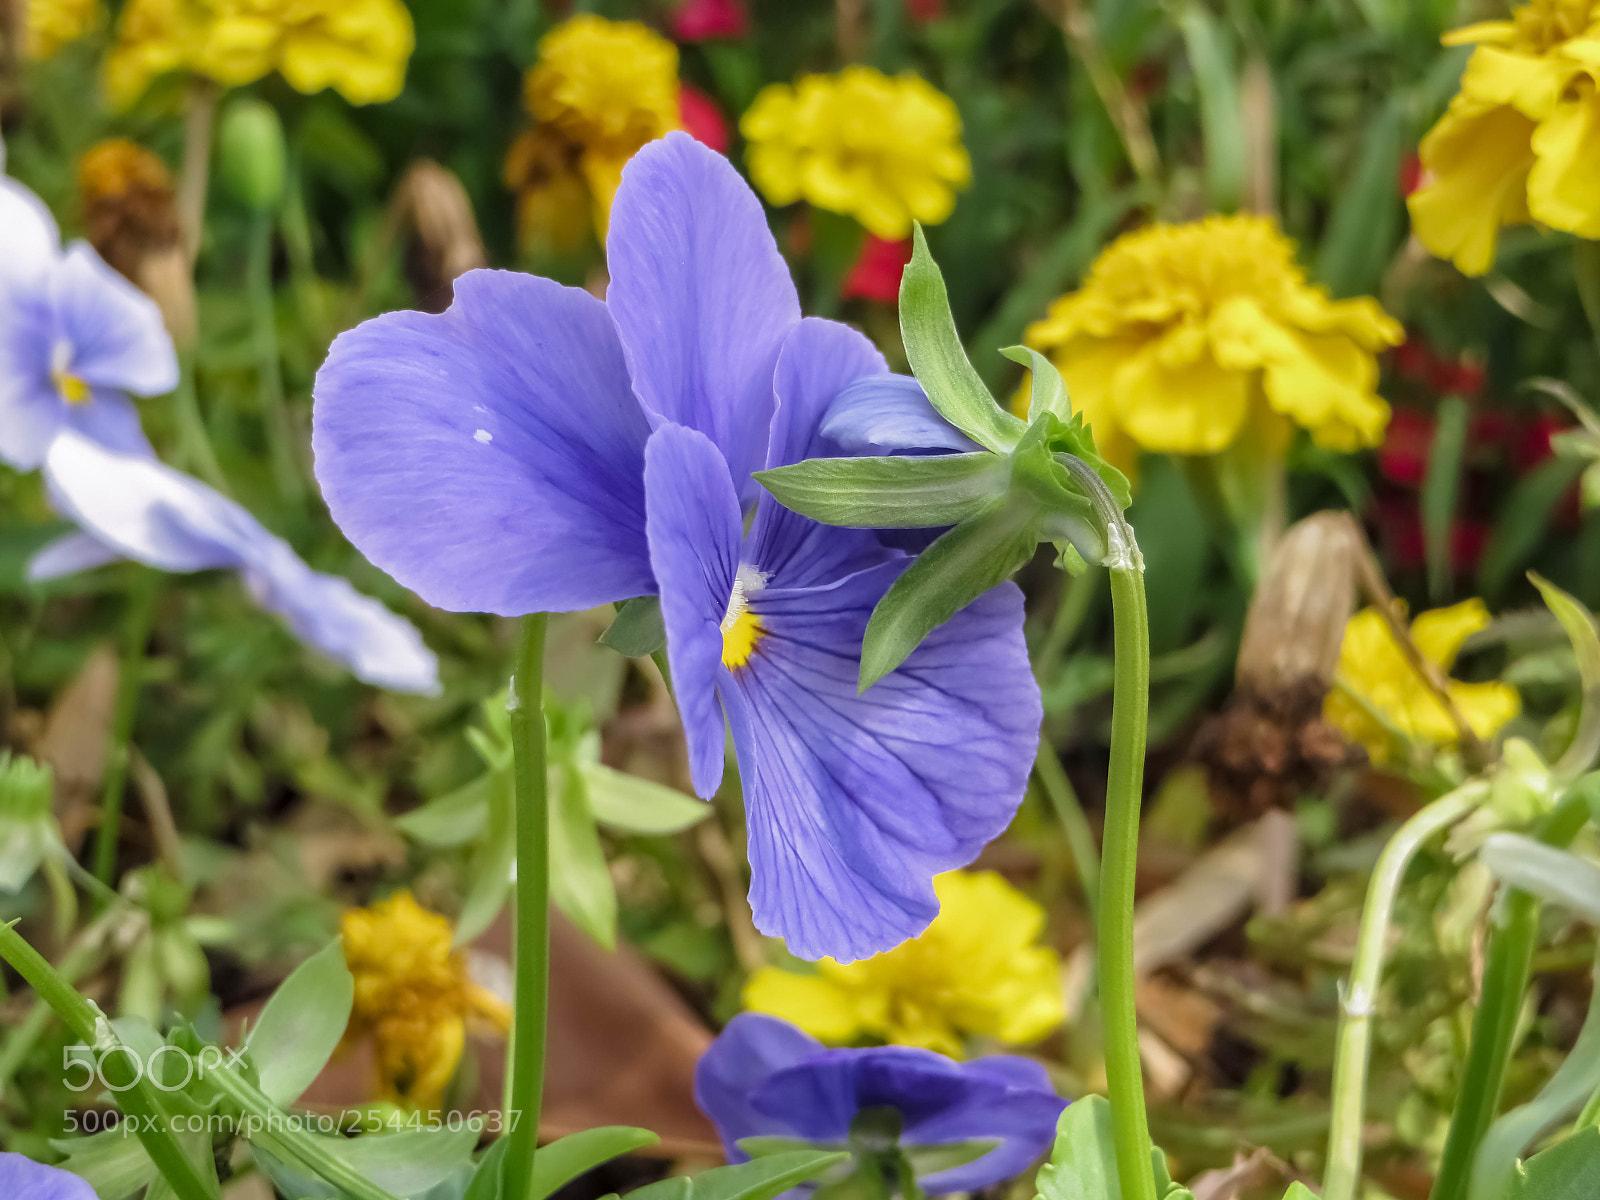 相亲相爱的紫蝴蝶花, Canon POWERSHOT SX240 HS